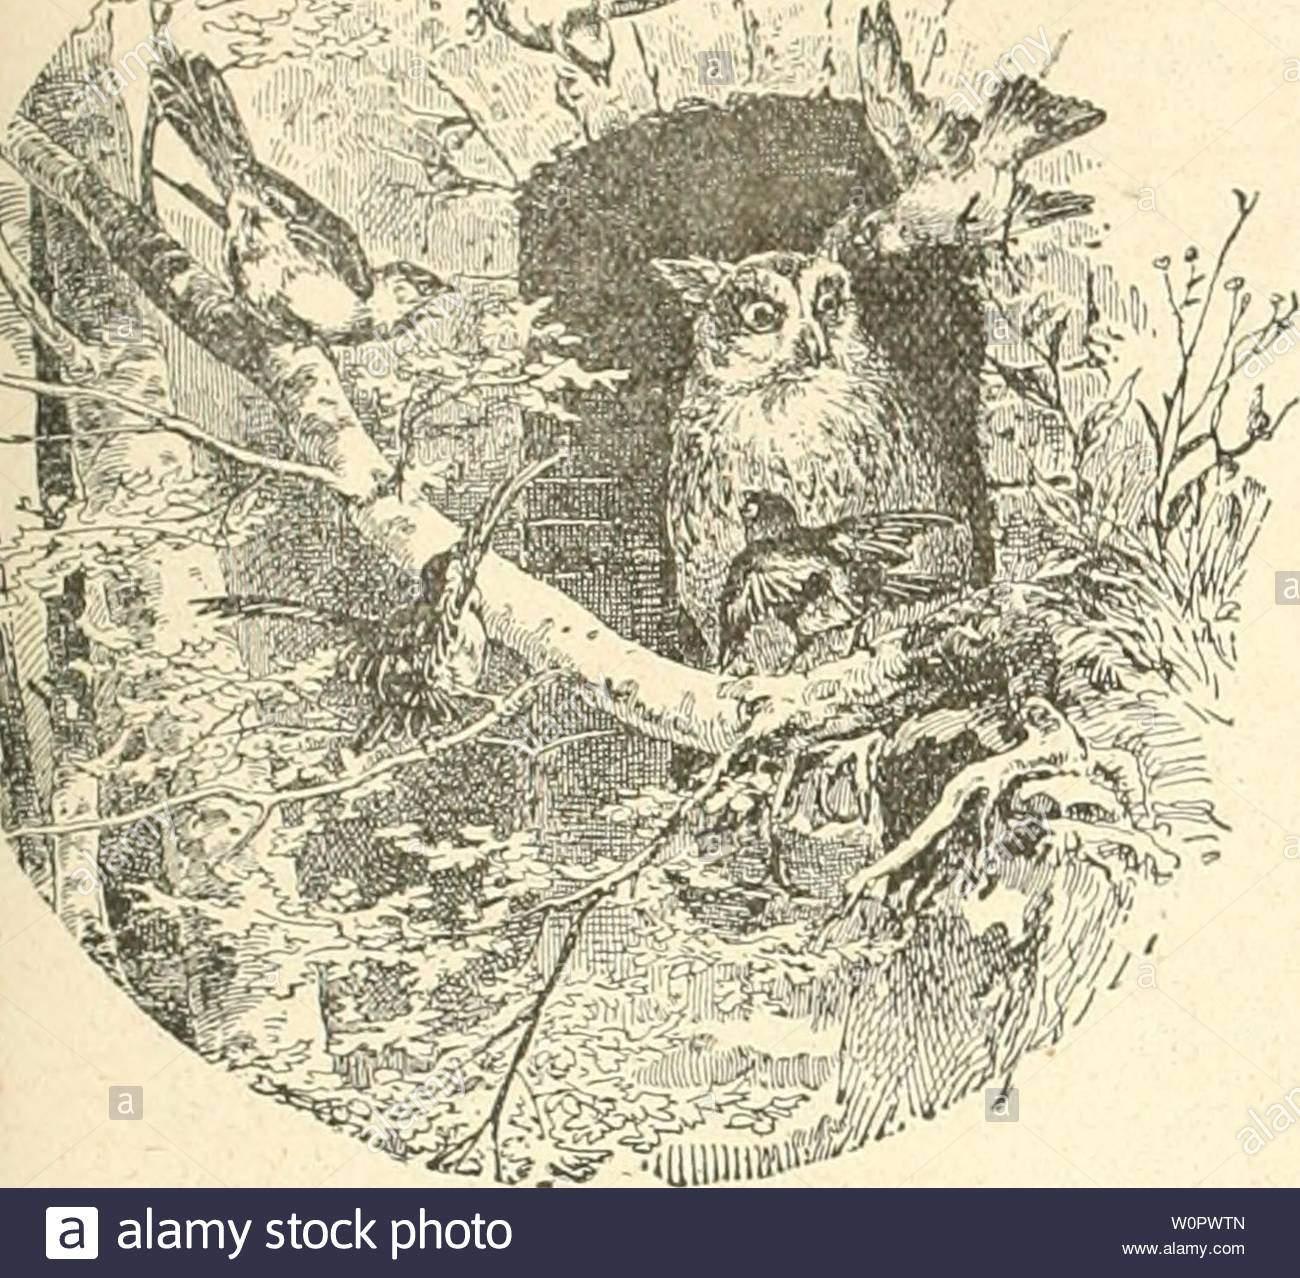 archiv bild ab seite 152 von der ornithologische beobachter 1902 der ornithologische beobachter derornithologisc 01 alas jahr 1902 heft 19 8 mai 1903 jahrgang i j f rnitbologisle cobckbter fur woclieiischrift yogelliebhaber und vogelschutz hir insg g lioii von c daut in bern schweiz oqo erscheint jeden donnerstag xaciilnir mir itil jiii iu iutiiijdhc und eiiiicilhijkiuj ilcr aklorciijcsidllfl ornithologische beobachtungen fur das jahr 1901 von u uaut bern fortsetzung mai in ciuem garten au der ssreiteiirainstrasse wo sich gefleckte amsel gewo w0pwtn